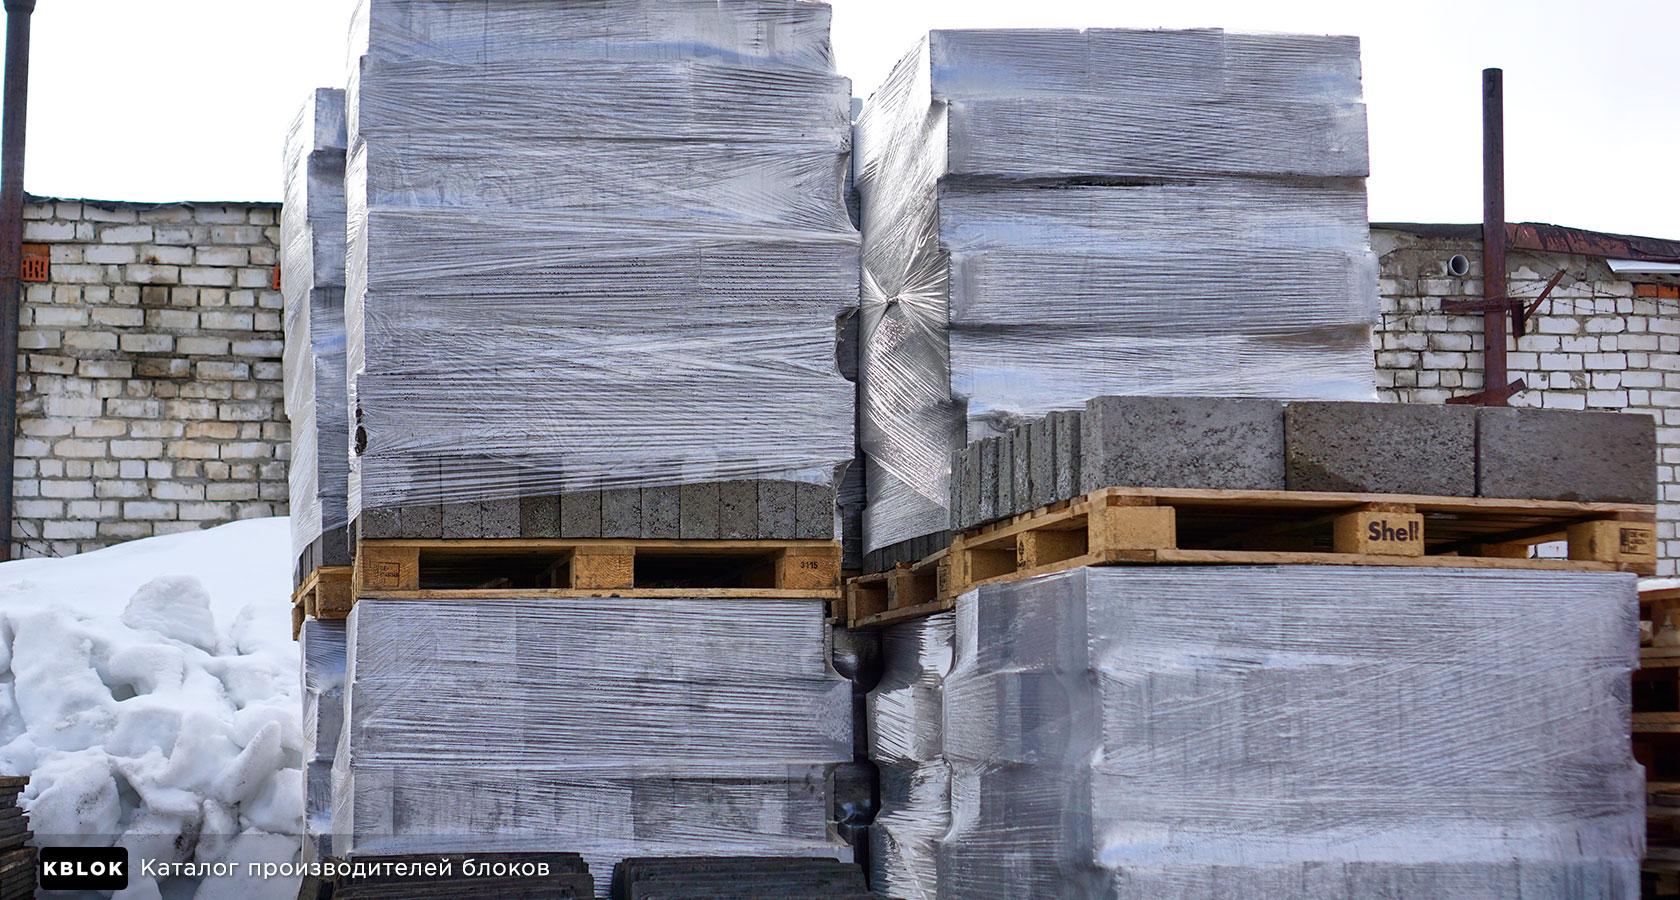 поддоны с керамзитными блоками